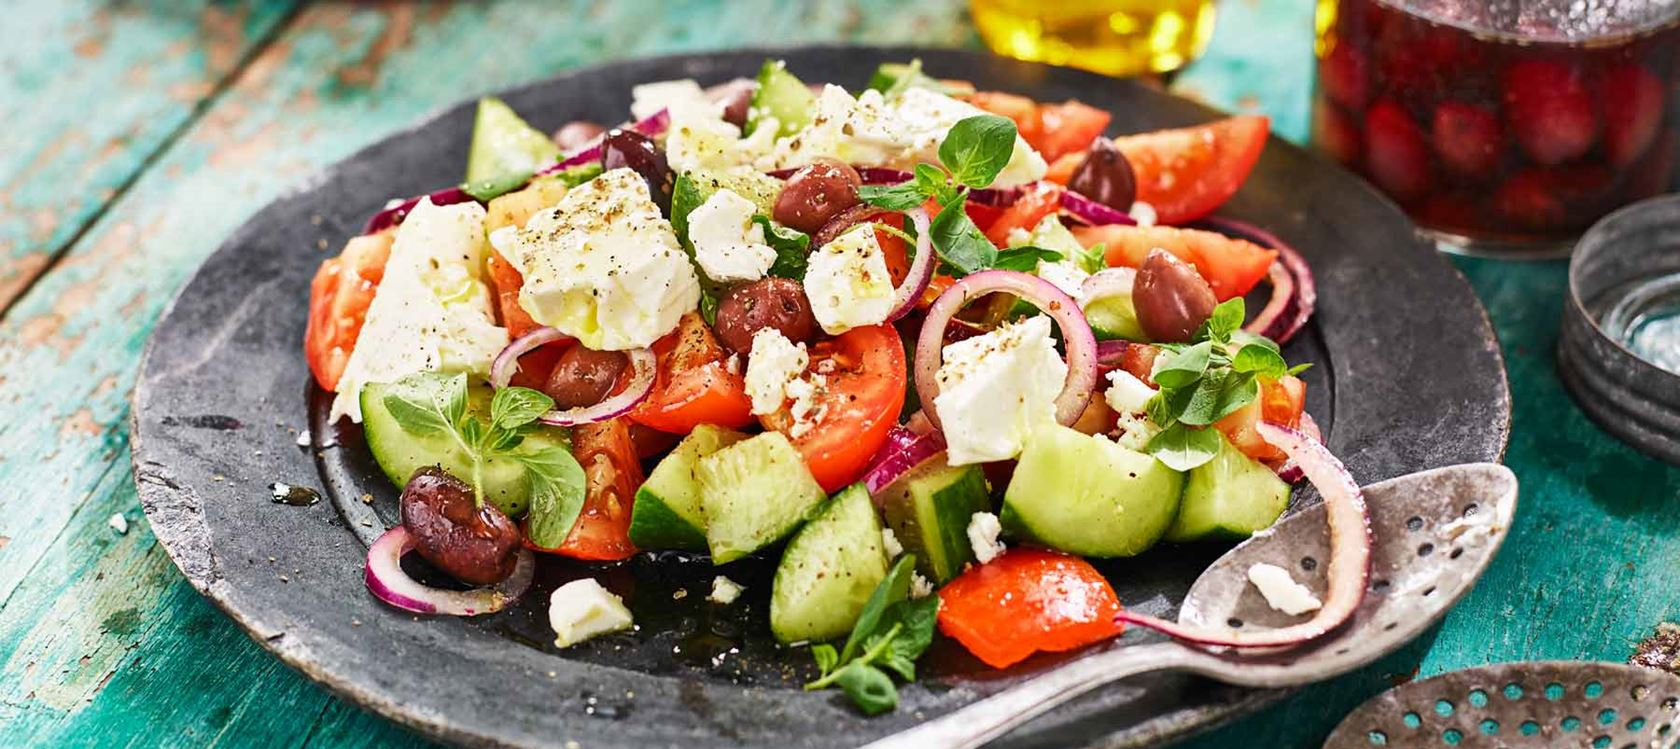 Välimerellinen salaatti